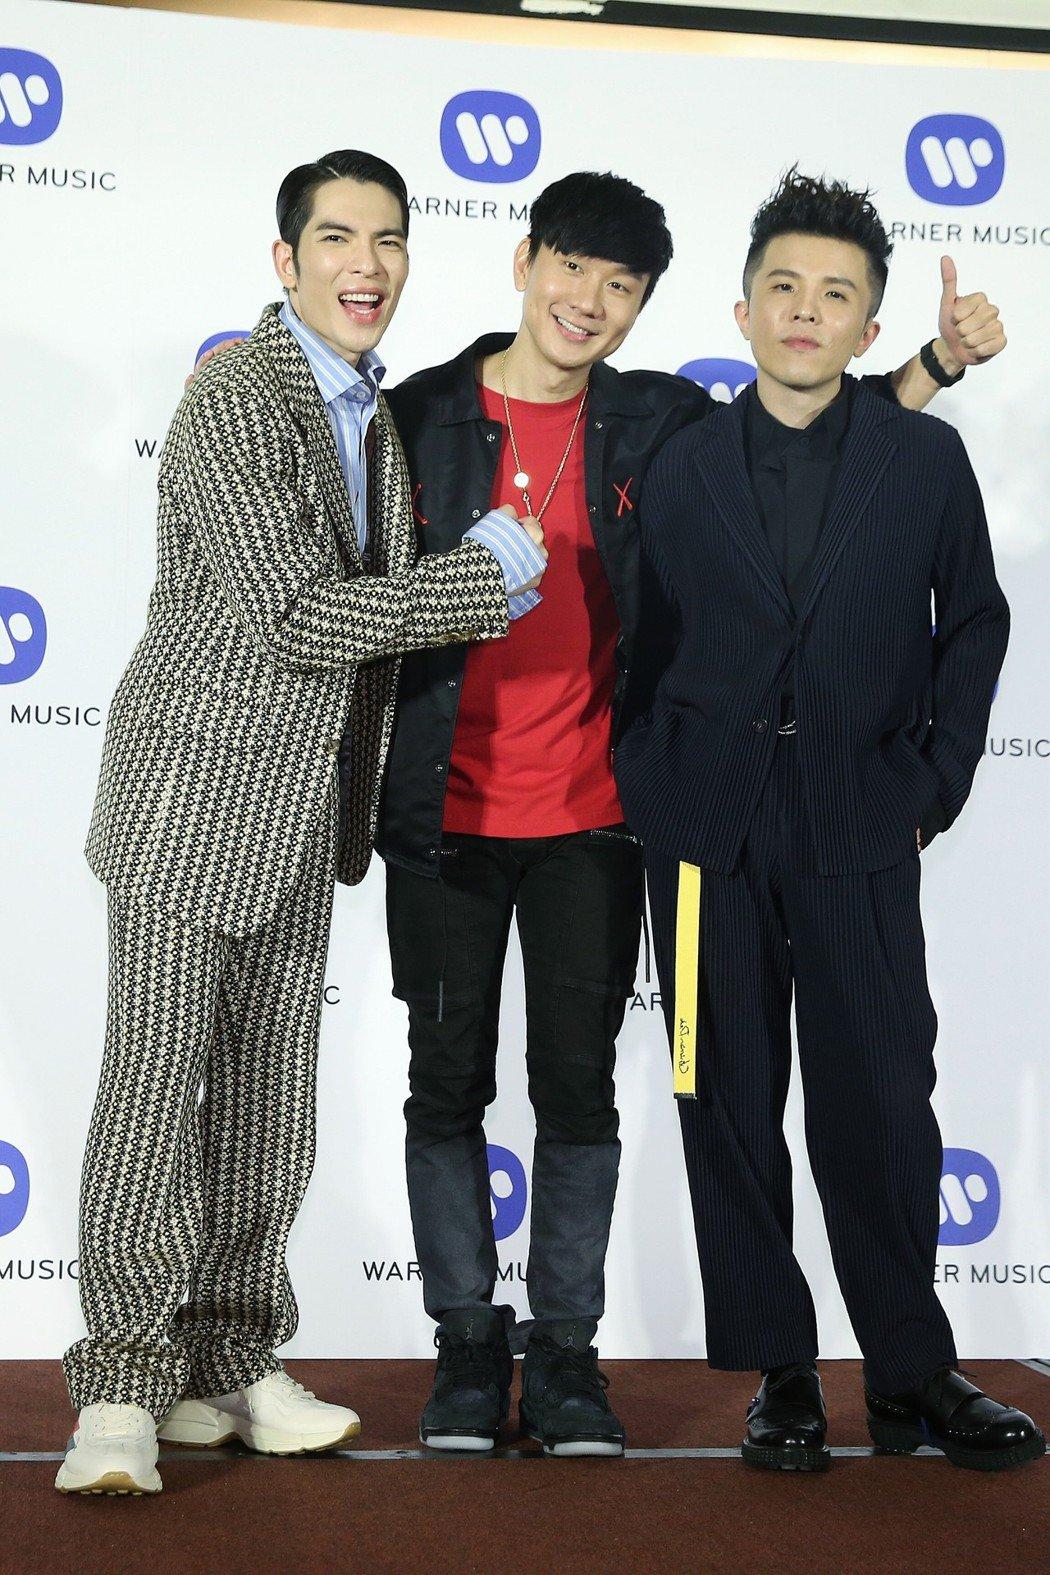 29屆金曲獎華納慶功宴,蕭敬騰(左起)、林俊傑、小宇。記者楊萬雲/攝影